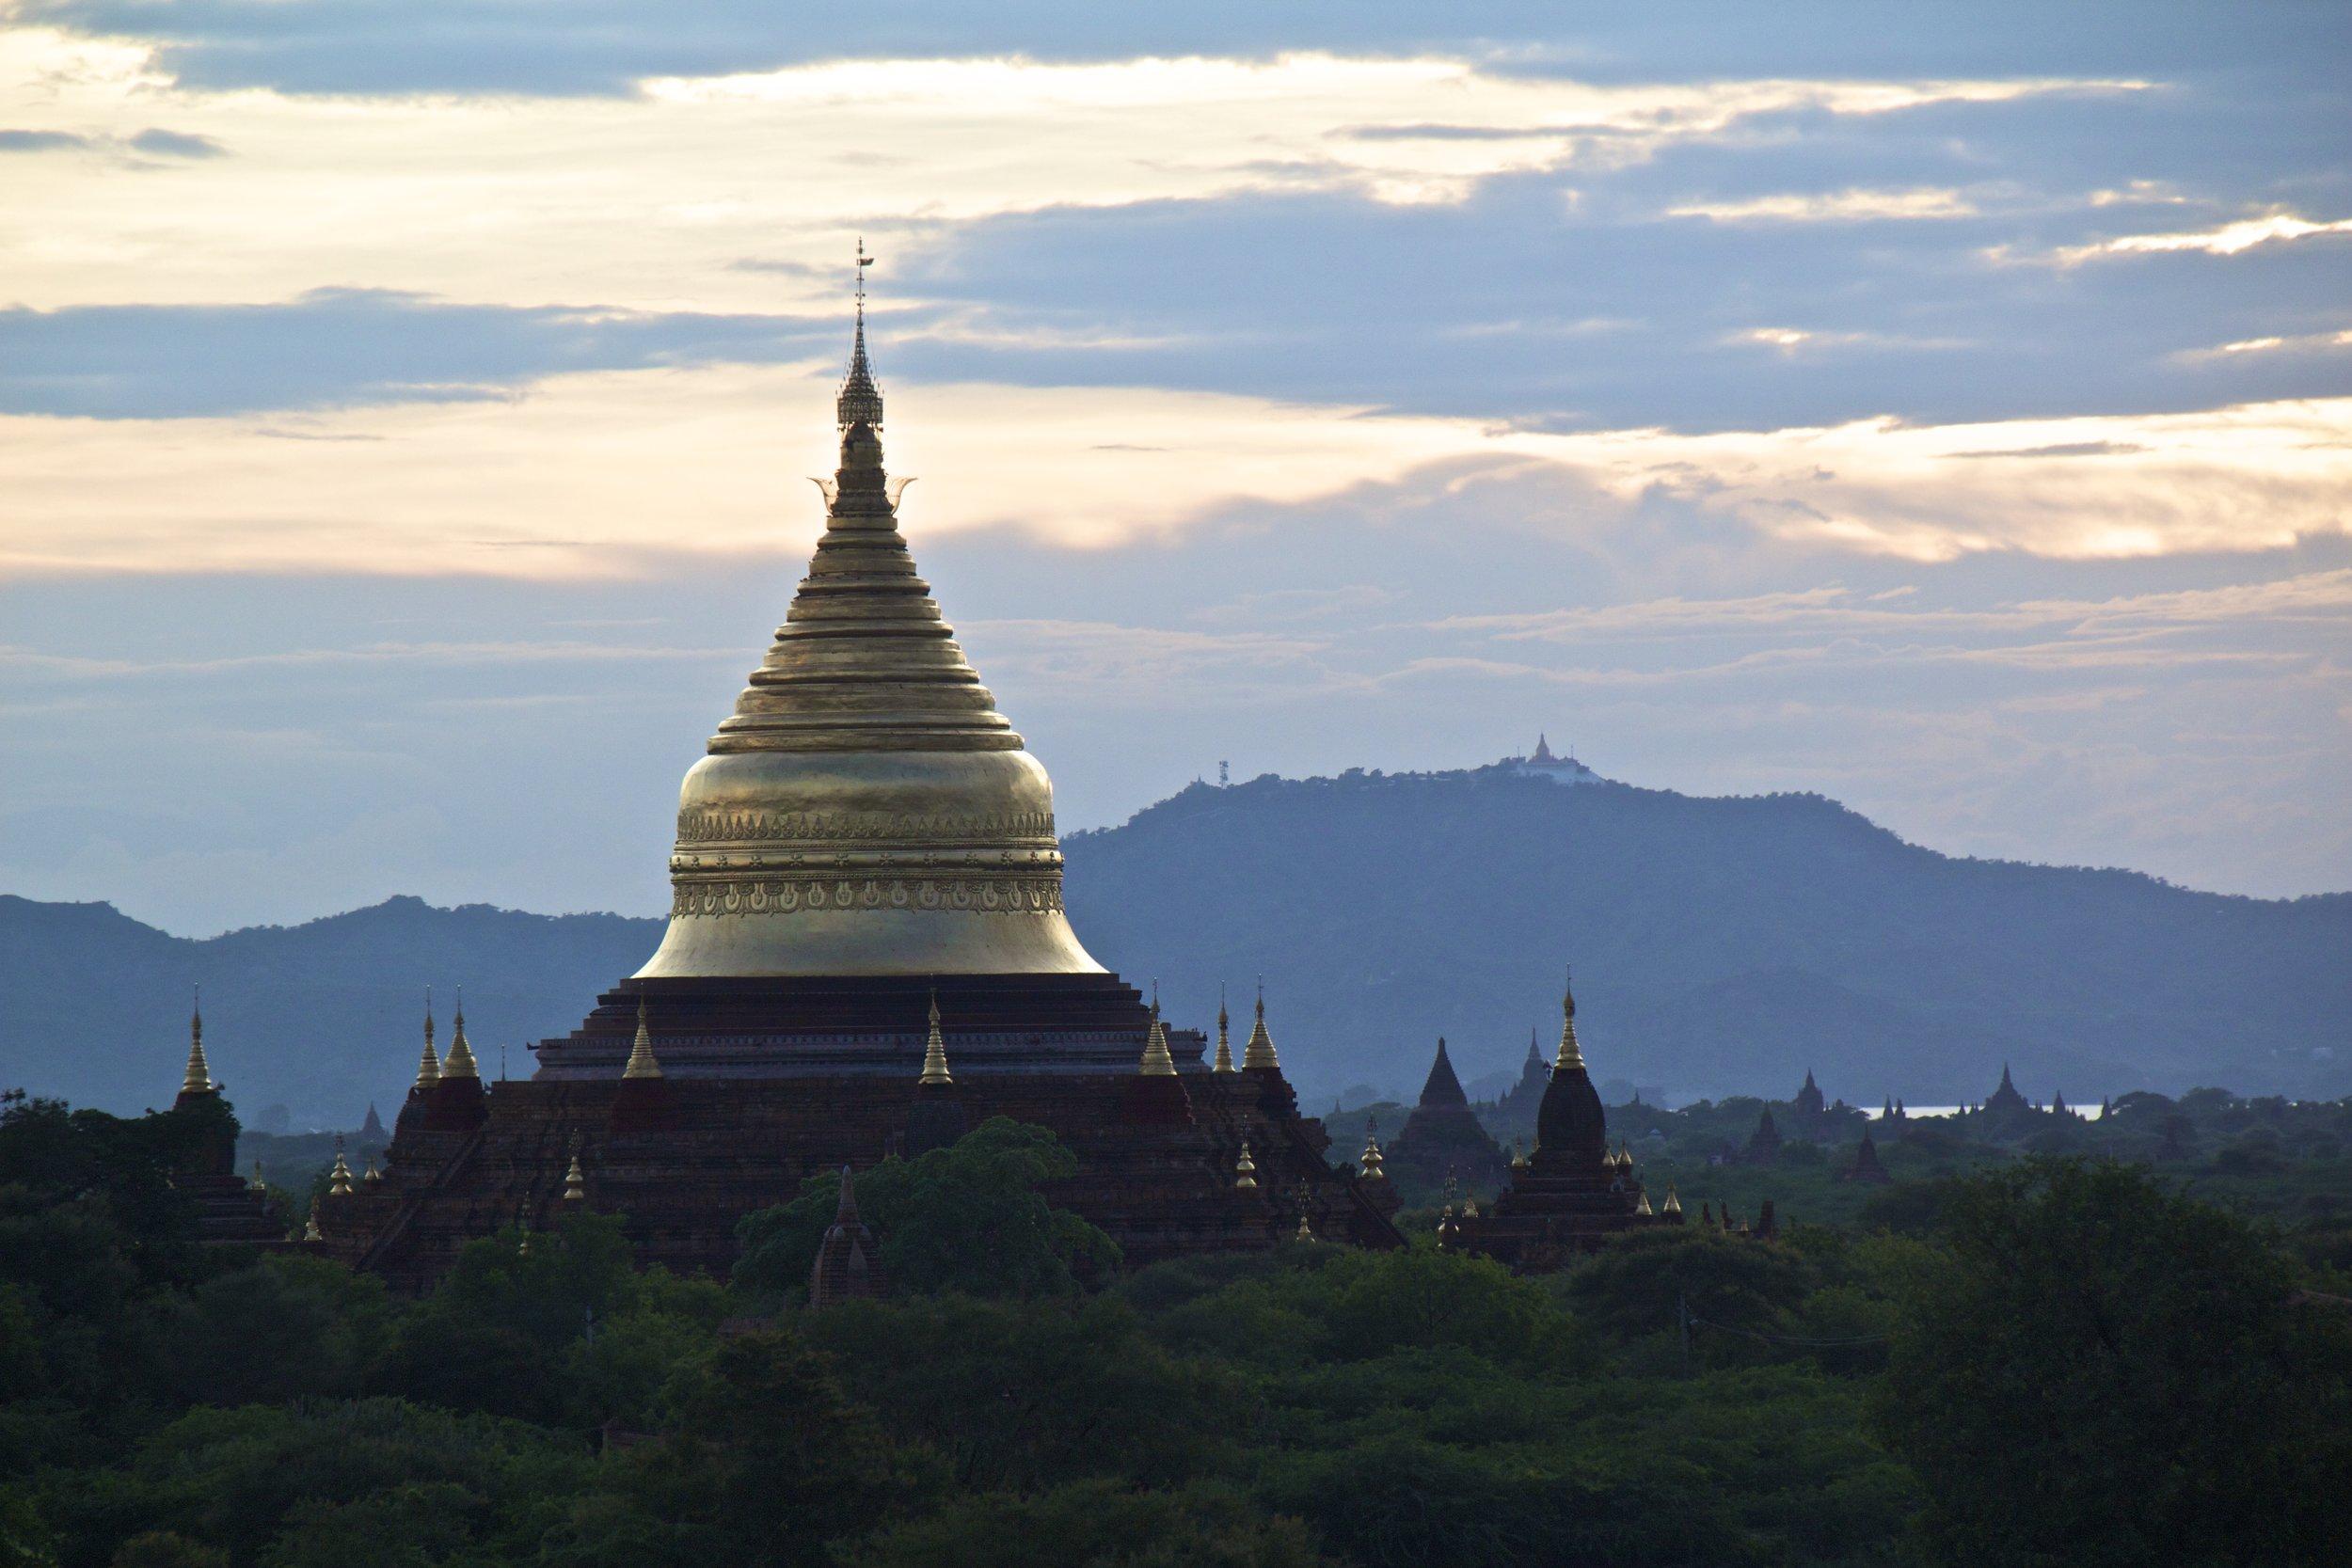 bagan burma myanmar temples sunset 1.jpg